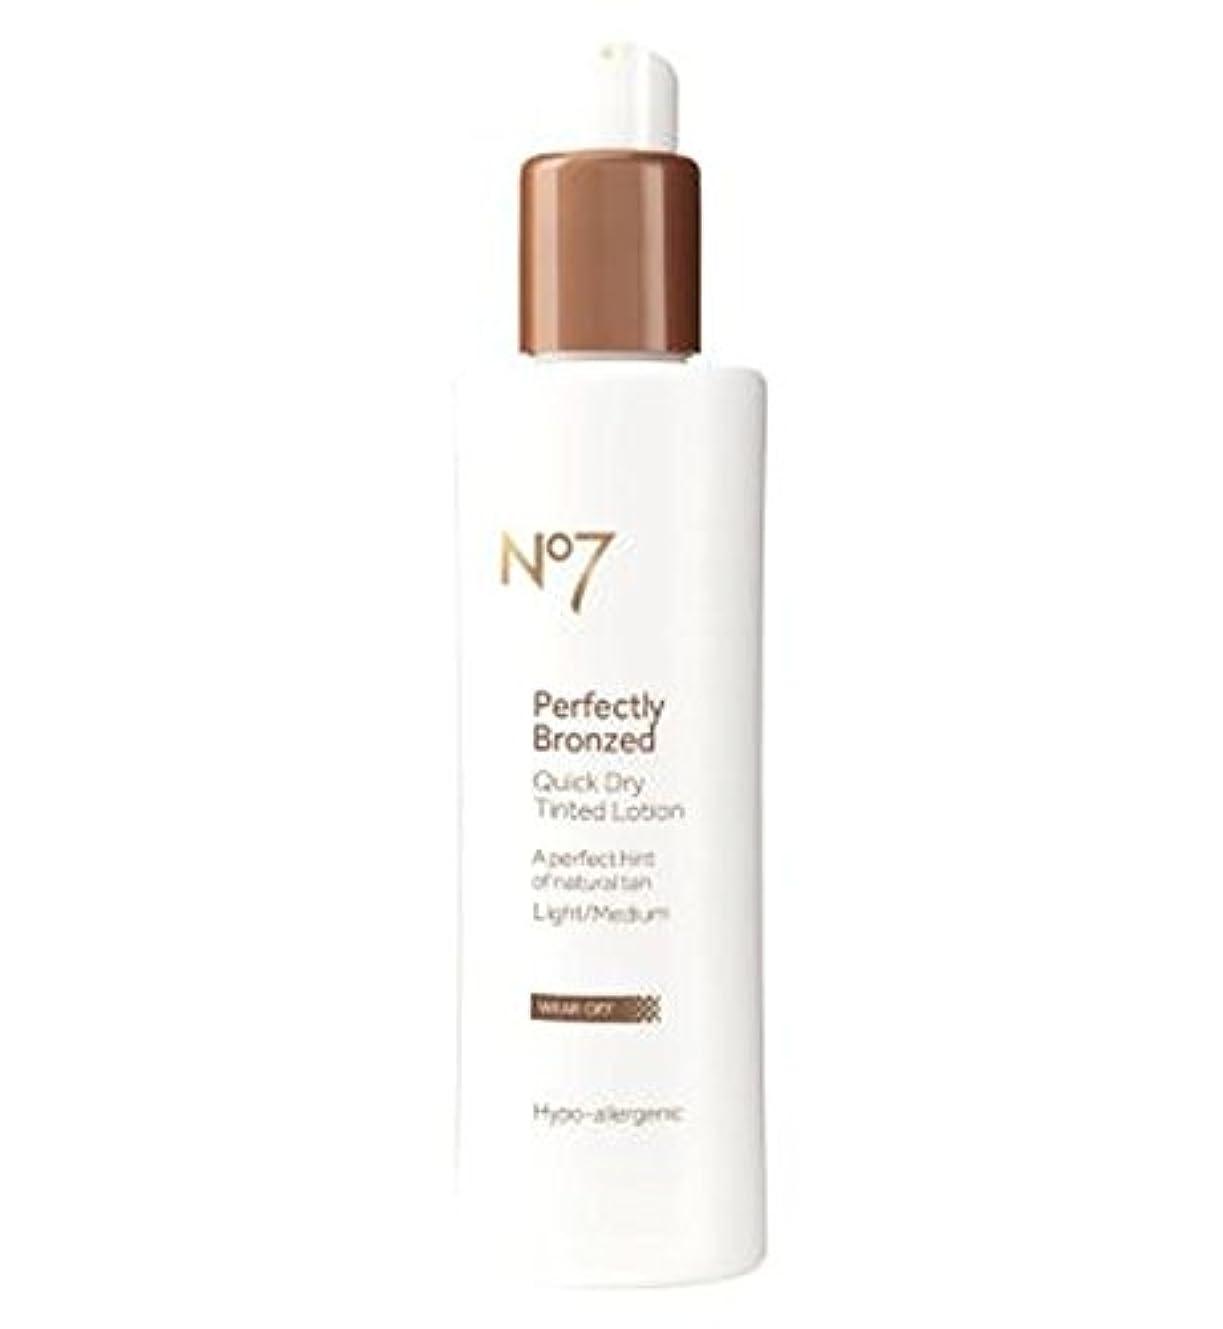 提案する質素なコショウNo7完全ブロンズ自己日焼け速乾性着色ローションライト/ミディアム (No7) (x2) - No7 Perfectly Bronzed Self Tan Quick Dry Tinted Lotion Light/Medium (Pack of 2) [並行輸入品]